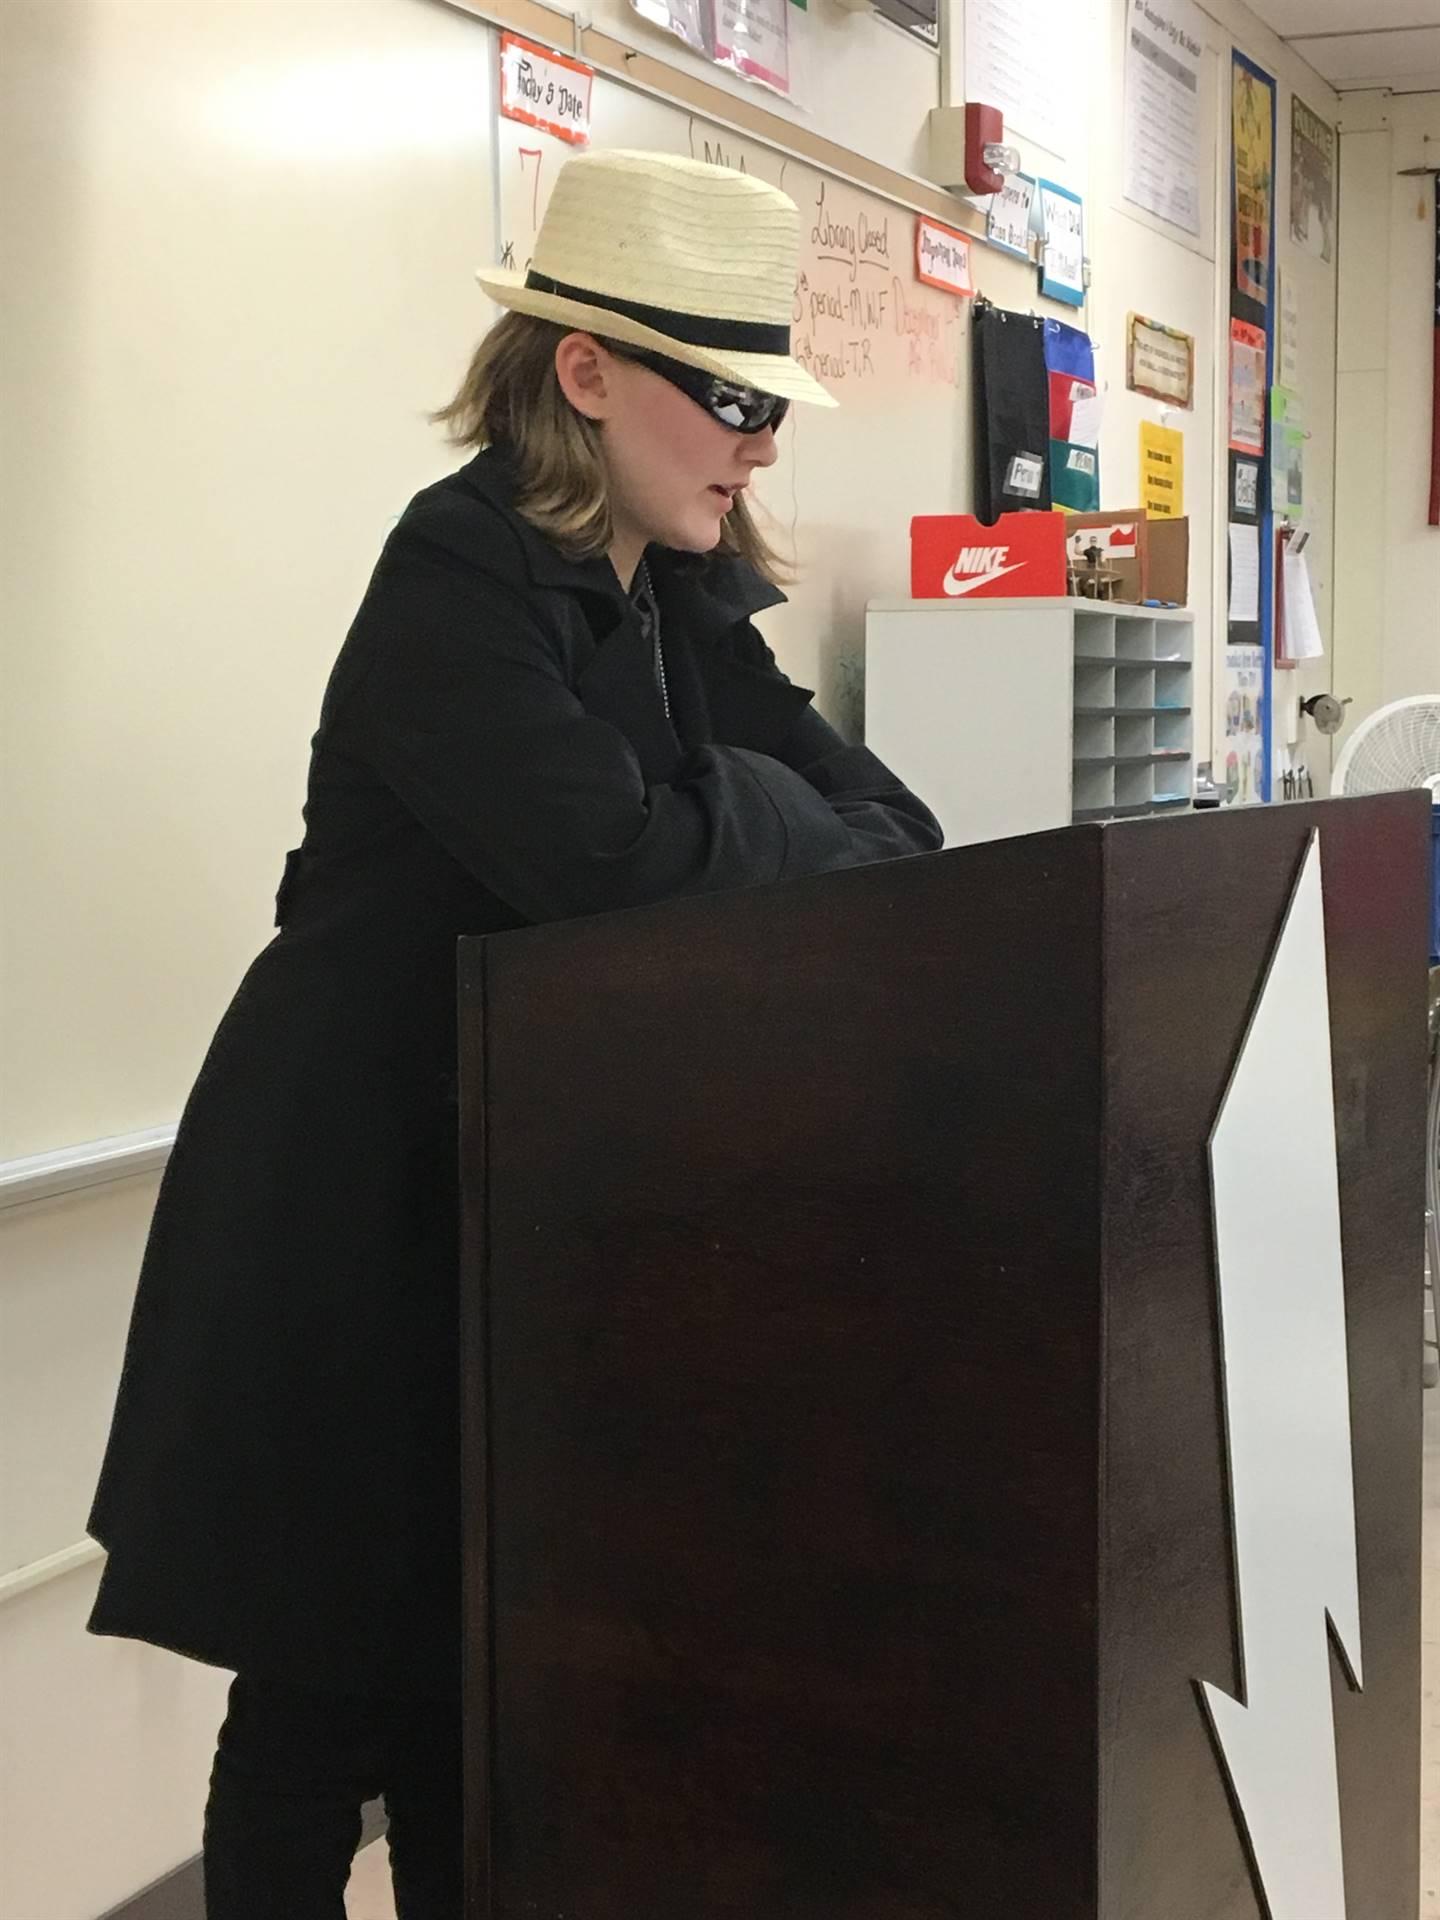 Detective Hannah Knerr